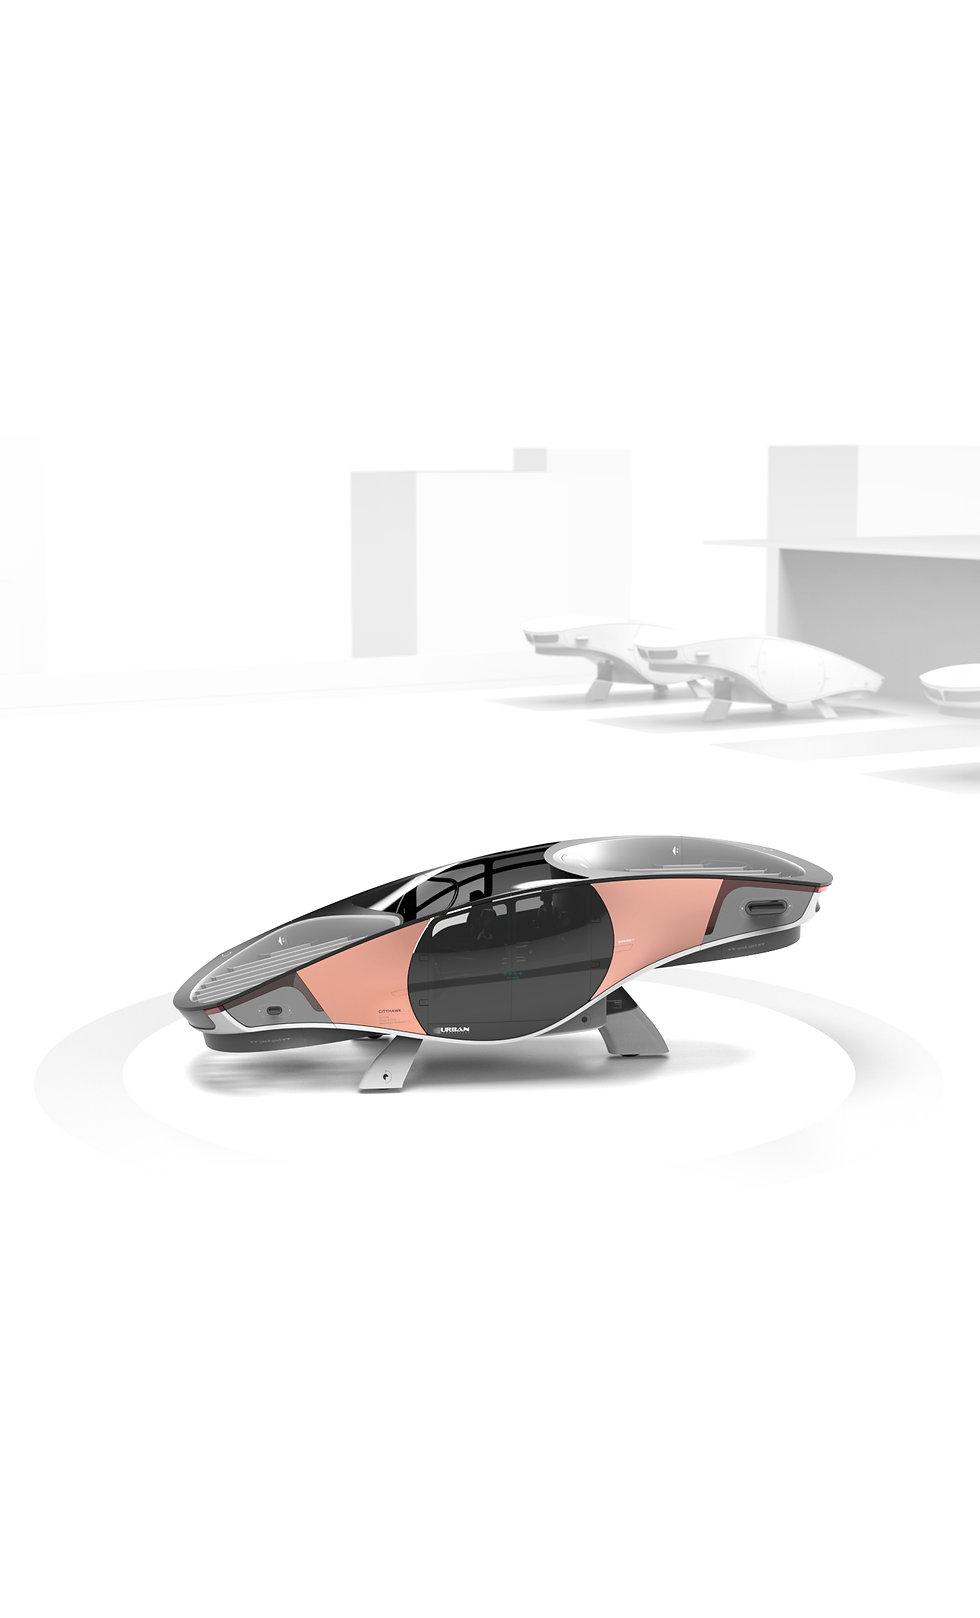 Urban Aeronautics' flying vehicle, designed for safe inner city transportation